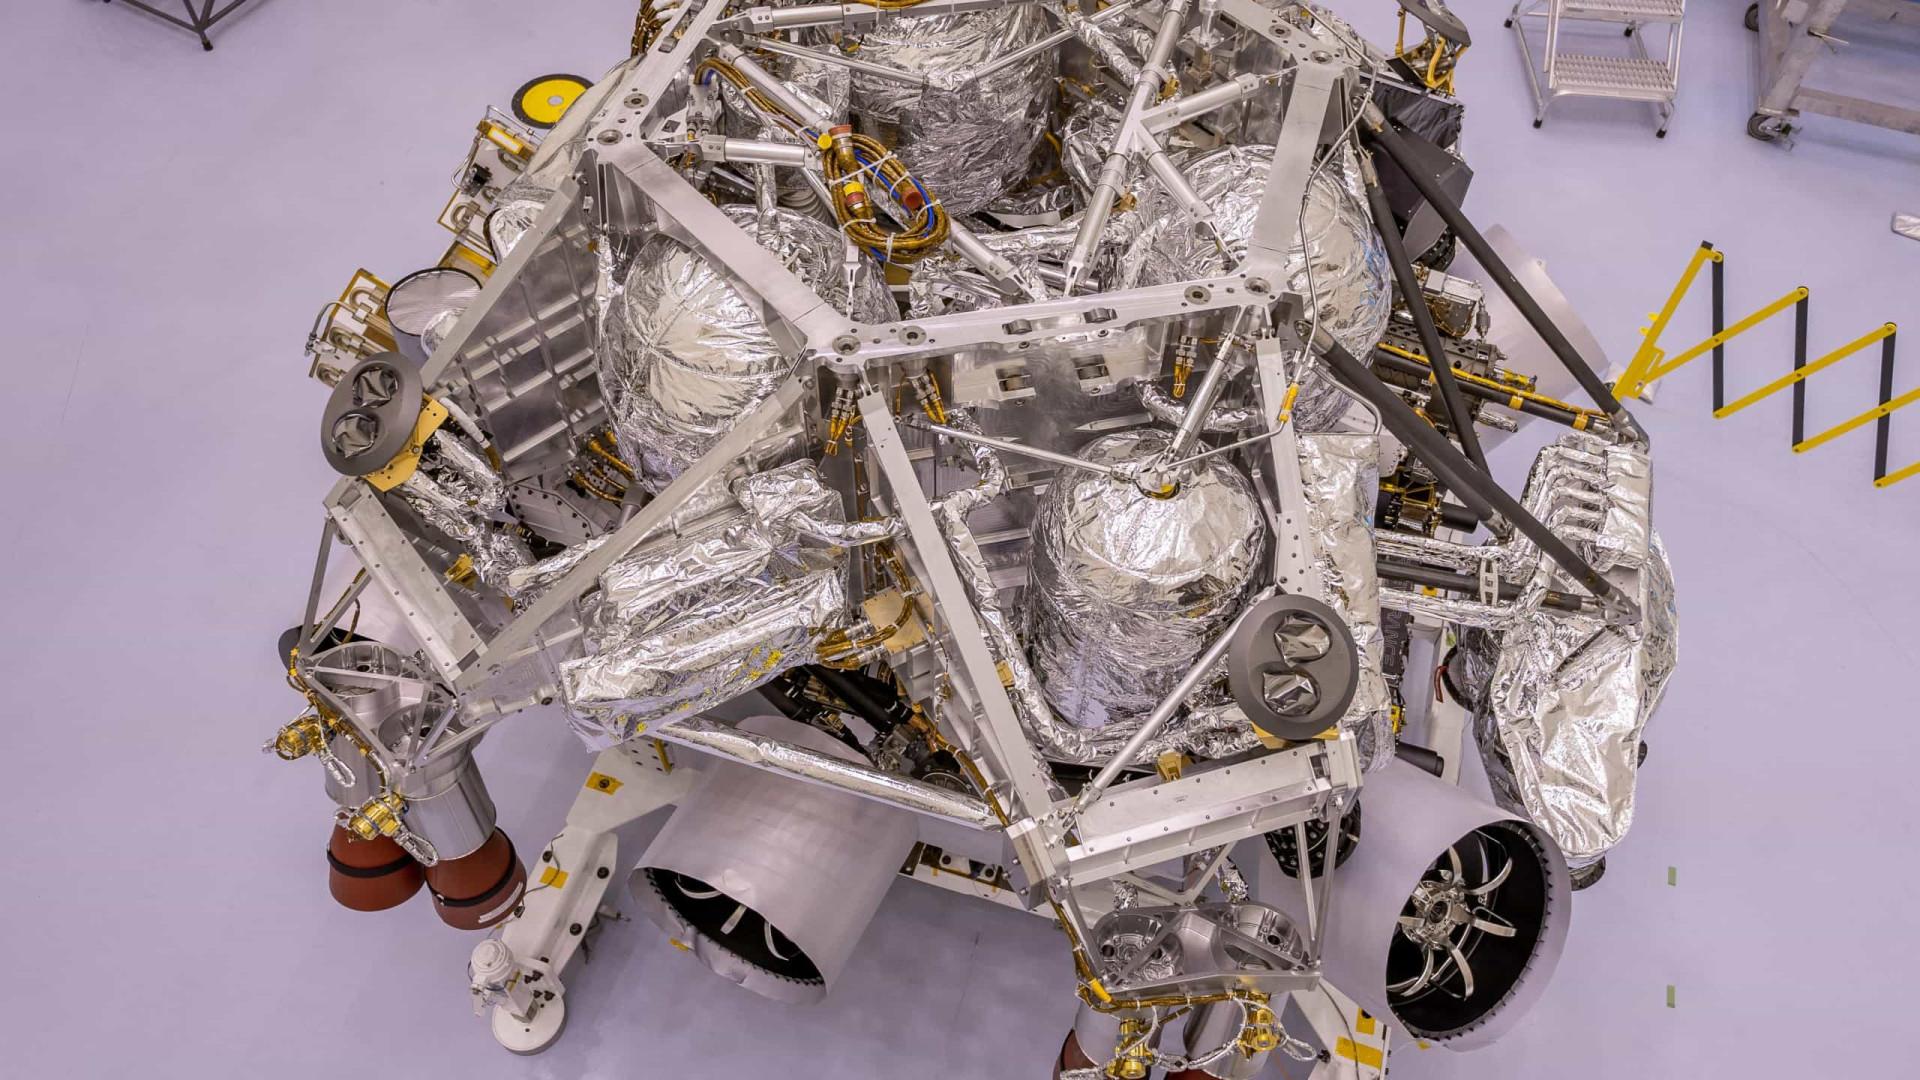 Novo rover de Marte está quase pronto para a viagem. Veja as imagens